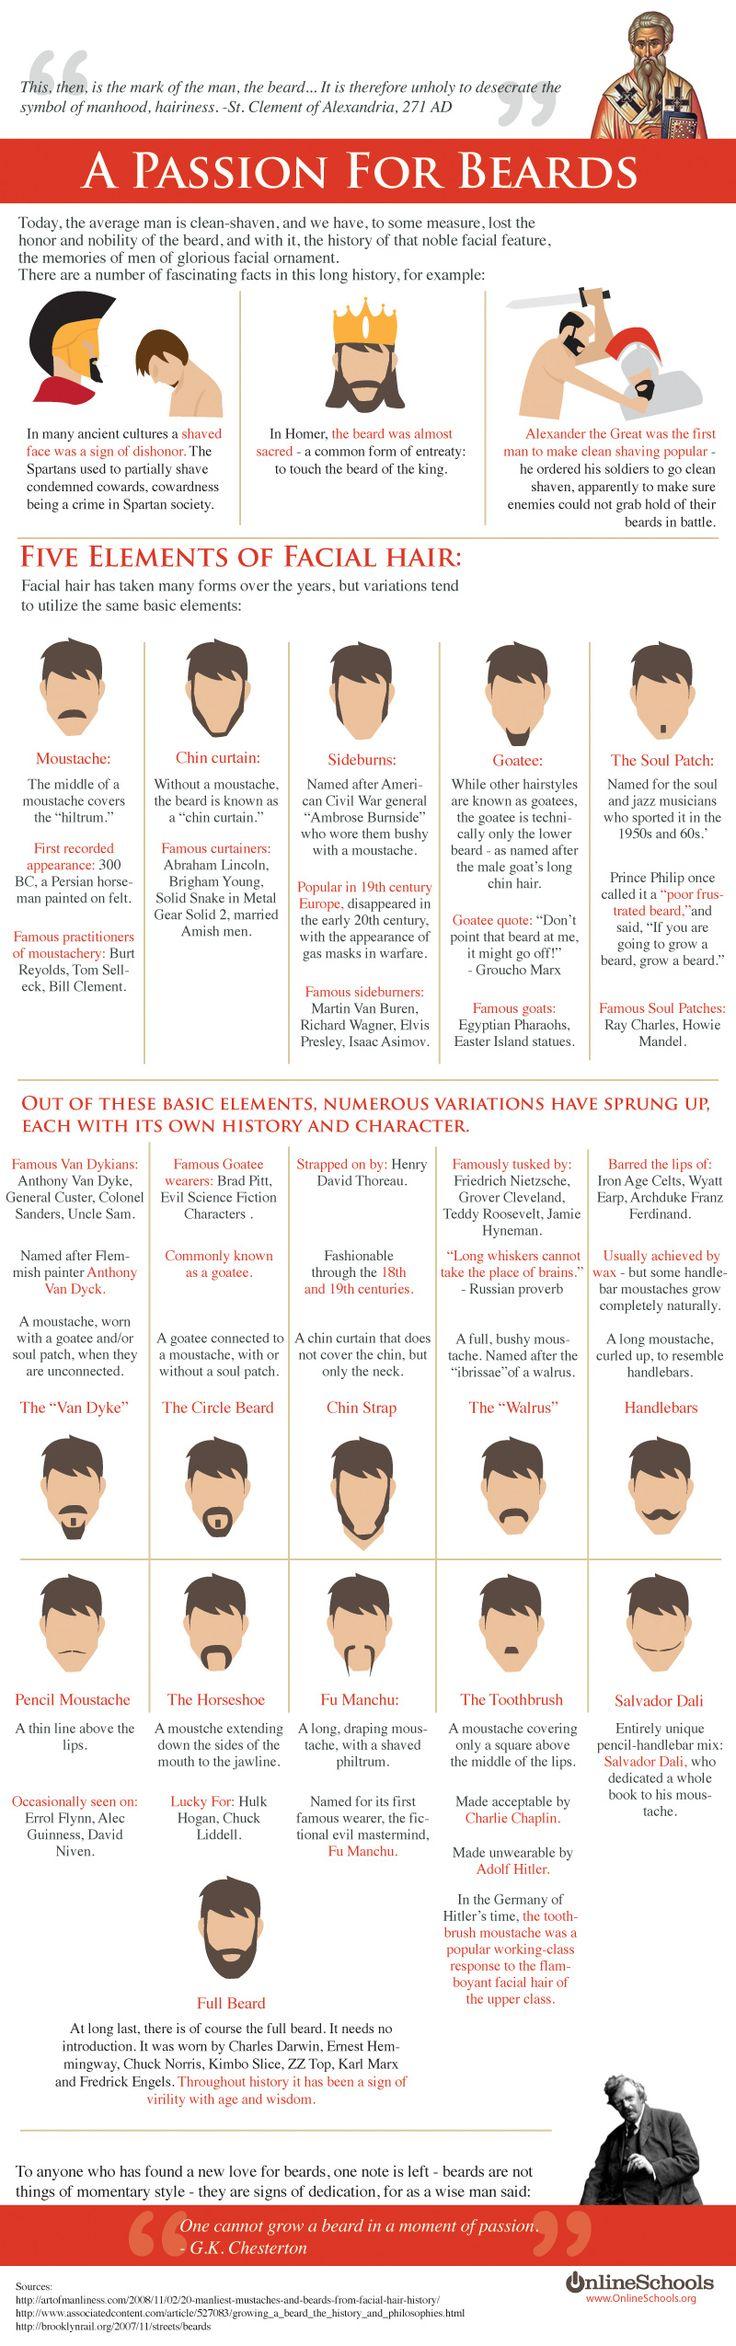 Nifty guide to facial hair.